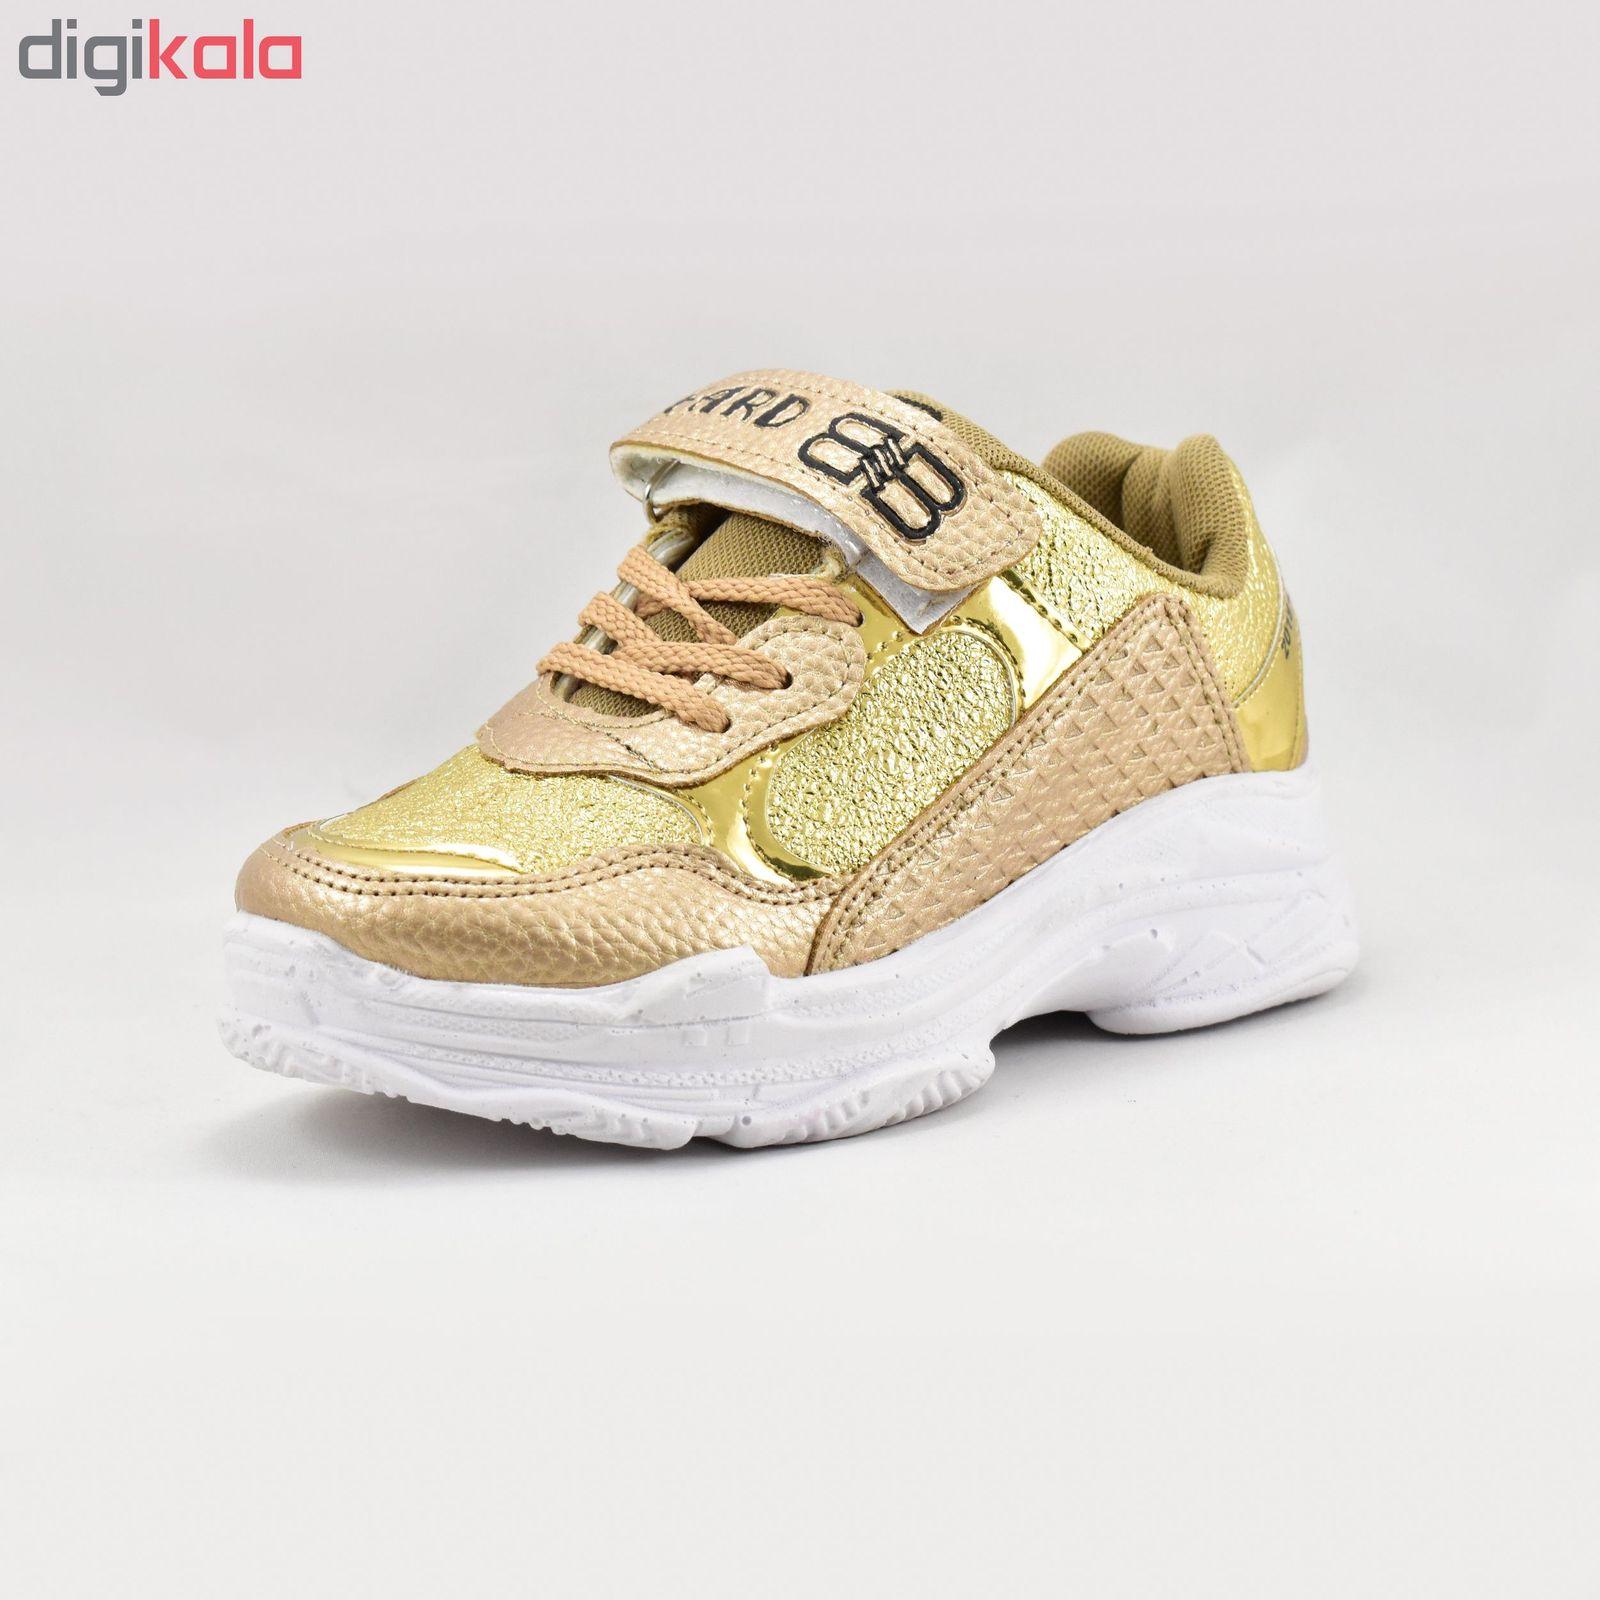 کفش راحتی دخترانه مدل بالی کد 4216 main 1 3